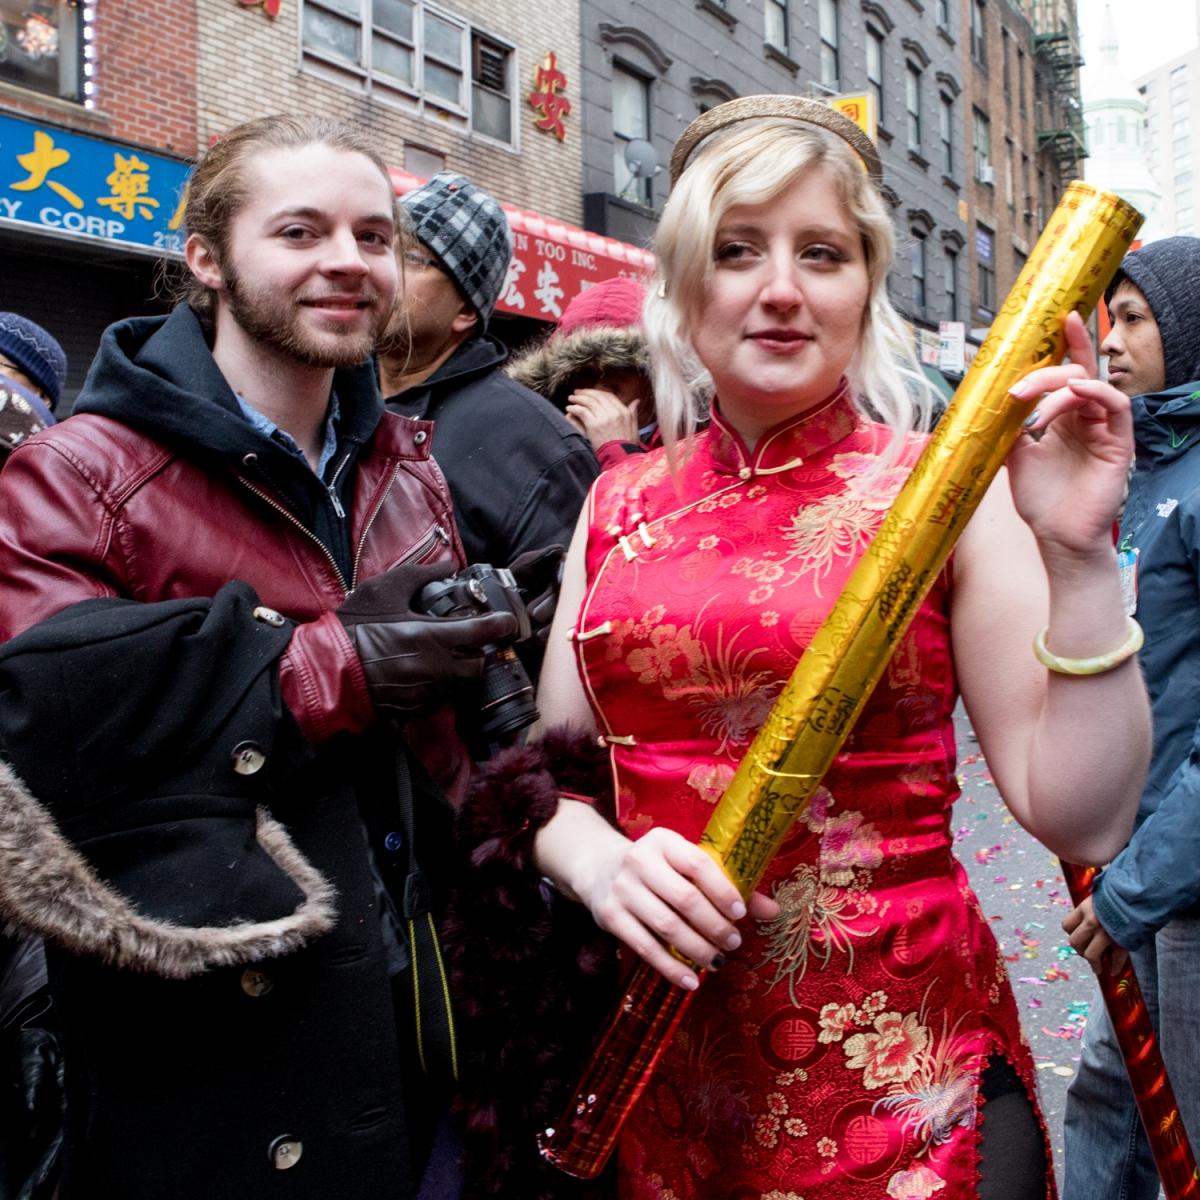 美國春節好熱鬧    ----紐約曼哈頓唐人街大年初一 20170128_图1-28